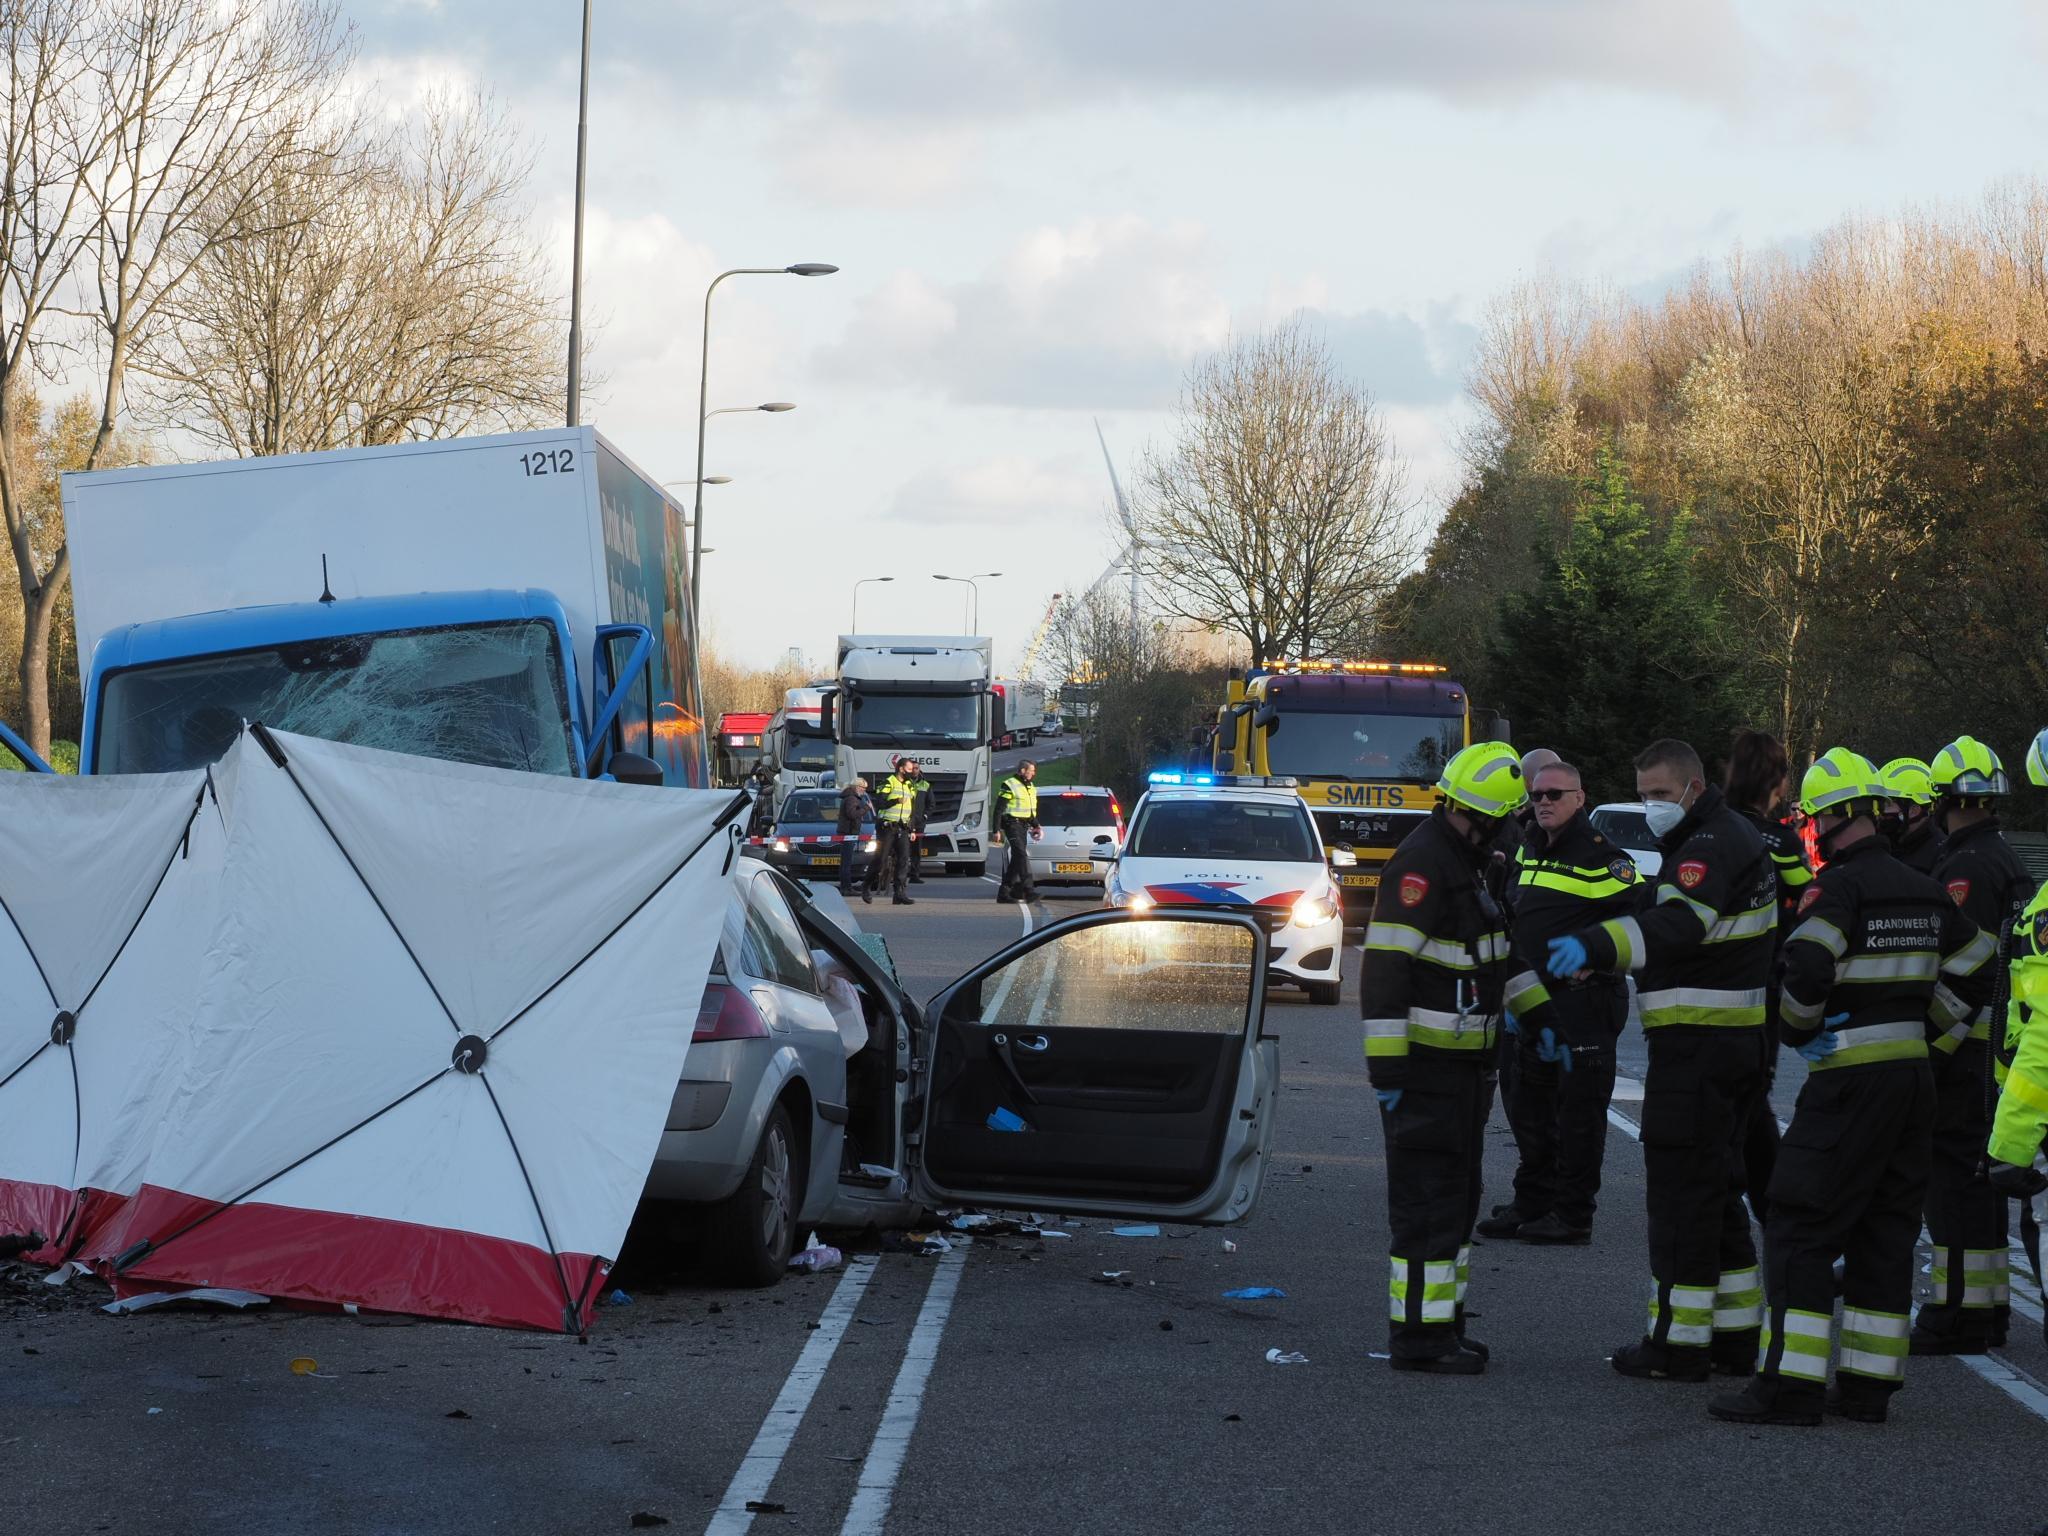 Slachtoffer dodelijk ongeval Velsen-Zuid is 34-jarige vrouw uit Almere; rijbewijs bestuurder bestelbus ingevorderd na positieve drugstest